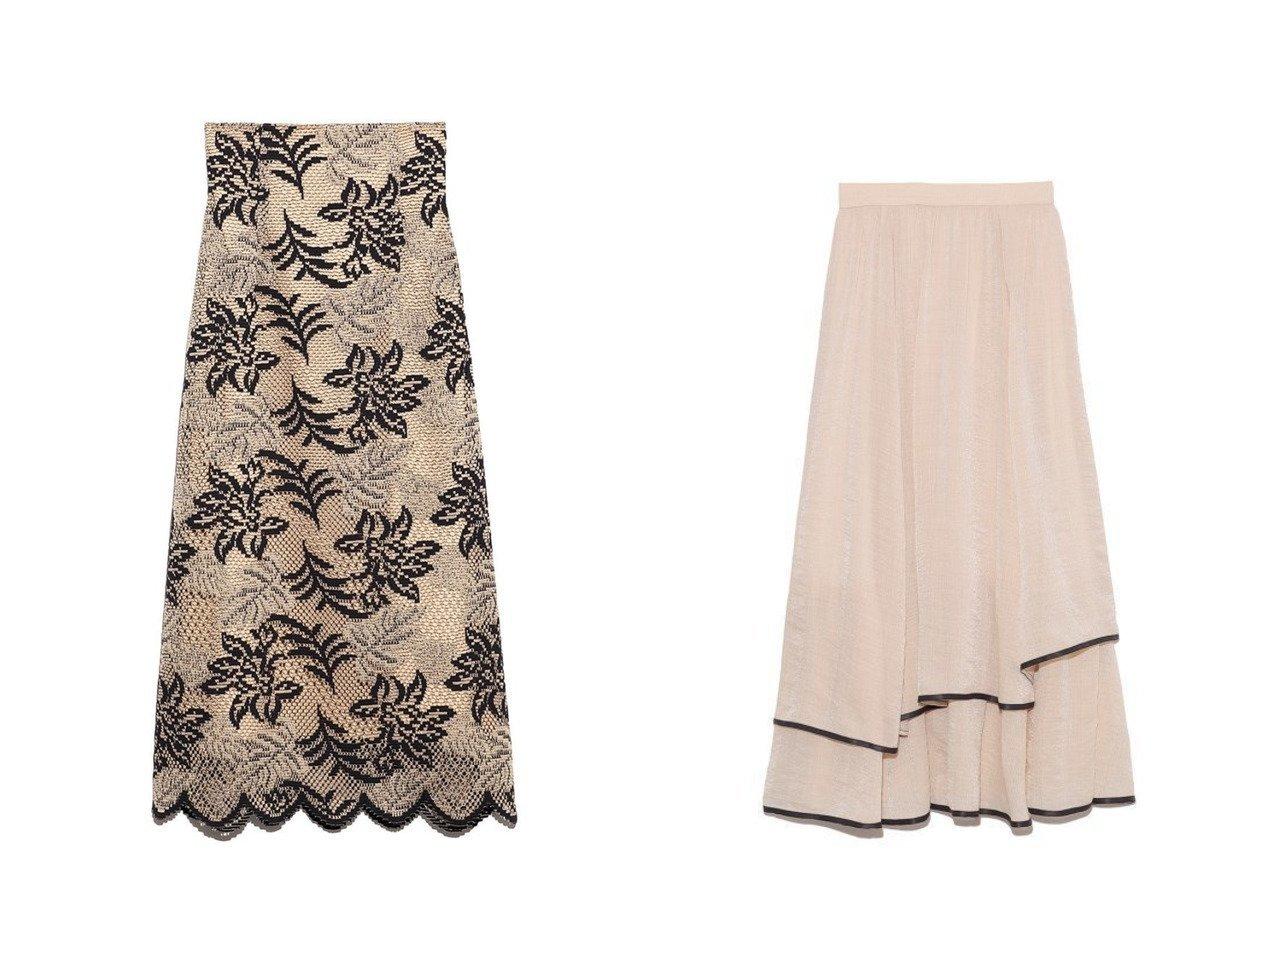 【Lily Brown/リリーブラウン】のバイカラーフラワーレーススカート&裾パイピングシフォンスカート スカートのおすすめ!人気、トレンド・レディースファッションの通販 おすすめで人気の流行・トレンド、ファッションの通販商品 メンズファッション・キッズファッション・インテリア・家具・レディースファッション・服の通販 founy(ファニー) https://founy.com/ ファッション Fashion レディースファッション WOMEN スカート Skirt ロングスカート Long Skirt シフォン スウェット スマート パイピング フレア ミックス ラベンダー ロング 再入荷 Restock/Back in Stock/Re Arrival エレガント スカラップ ハンド レース |ID:crp329100000011766